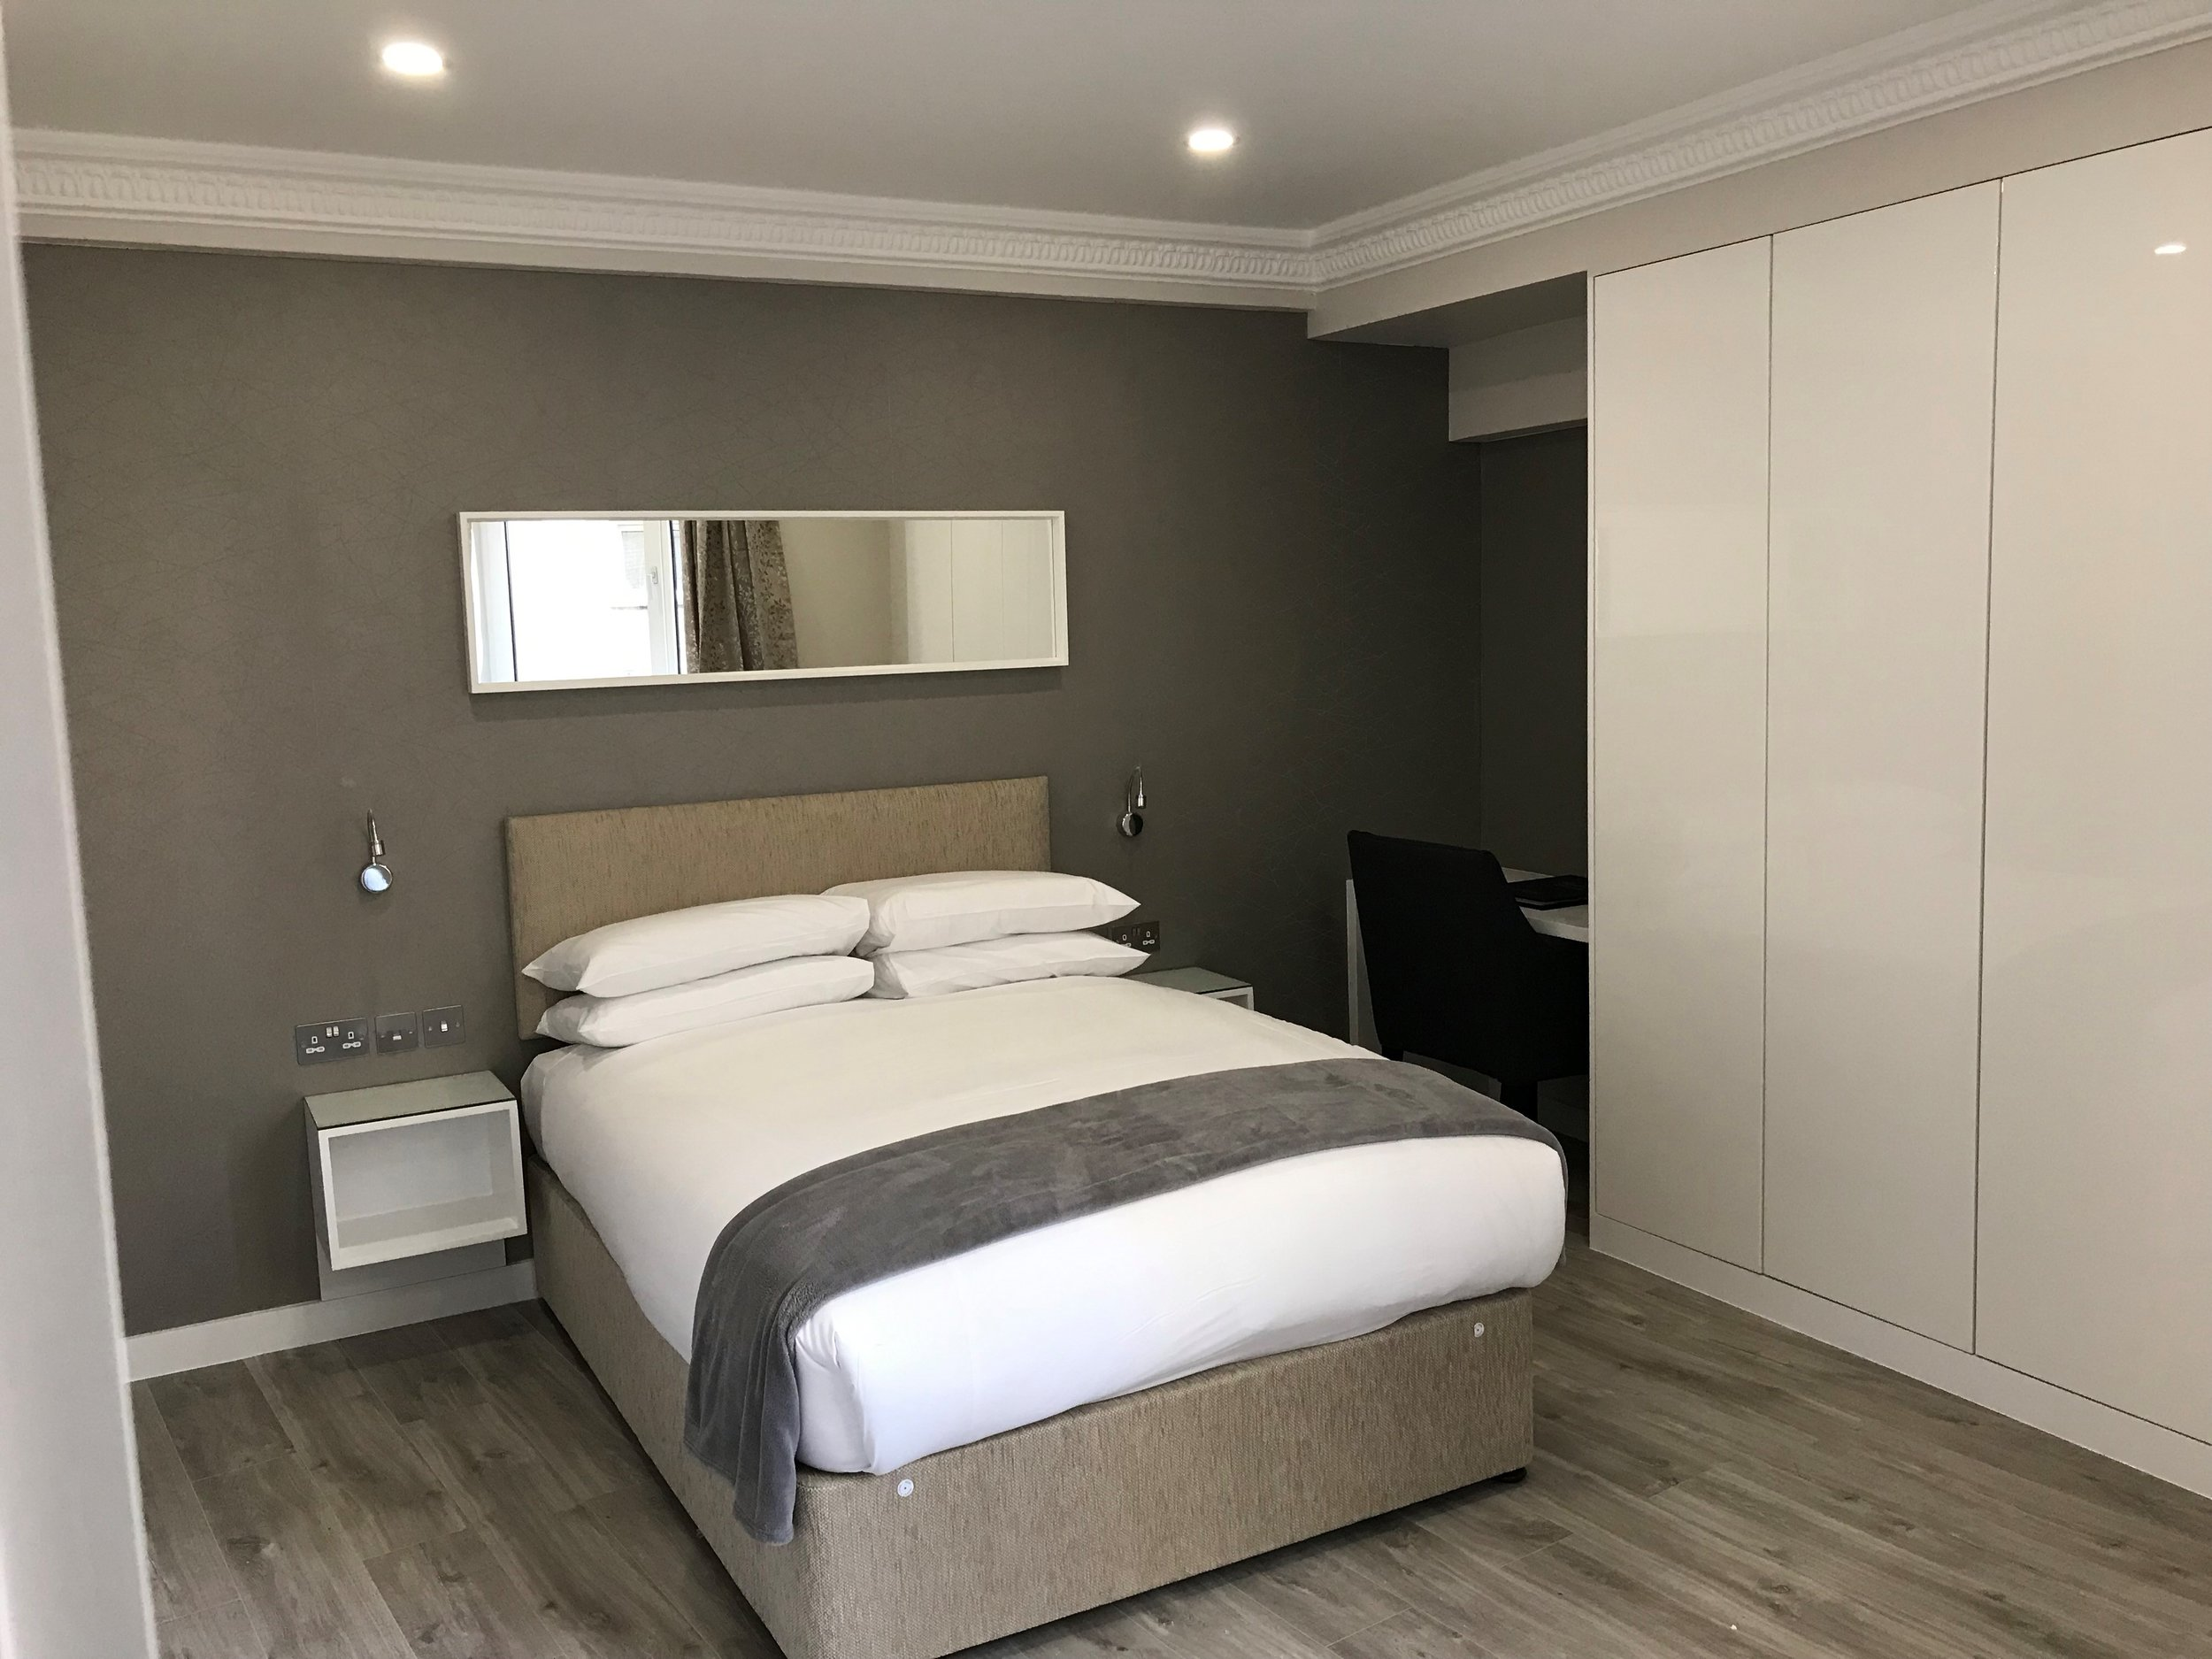 1 Bedroom Apartment - Bedroom Sample.jpg